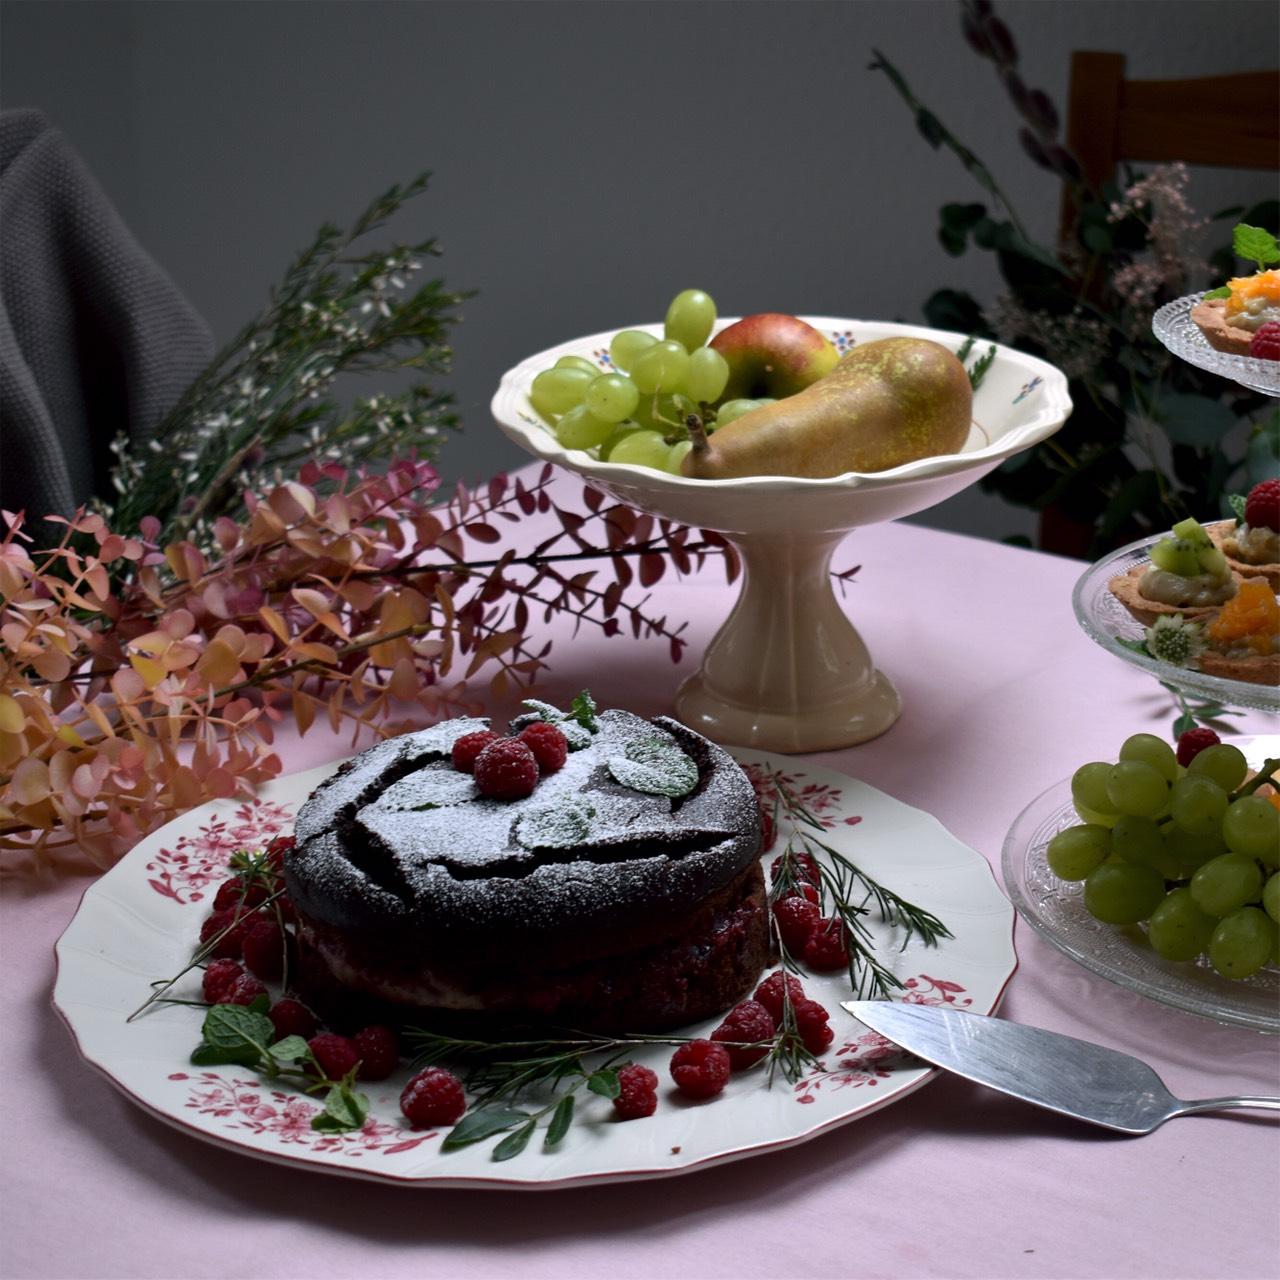 恋するヴィンテージ食器で愛らしい食卓、バレンタイン